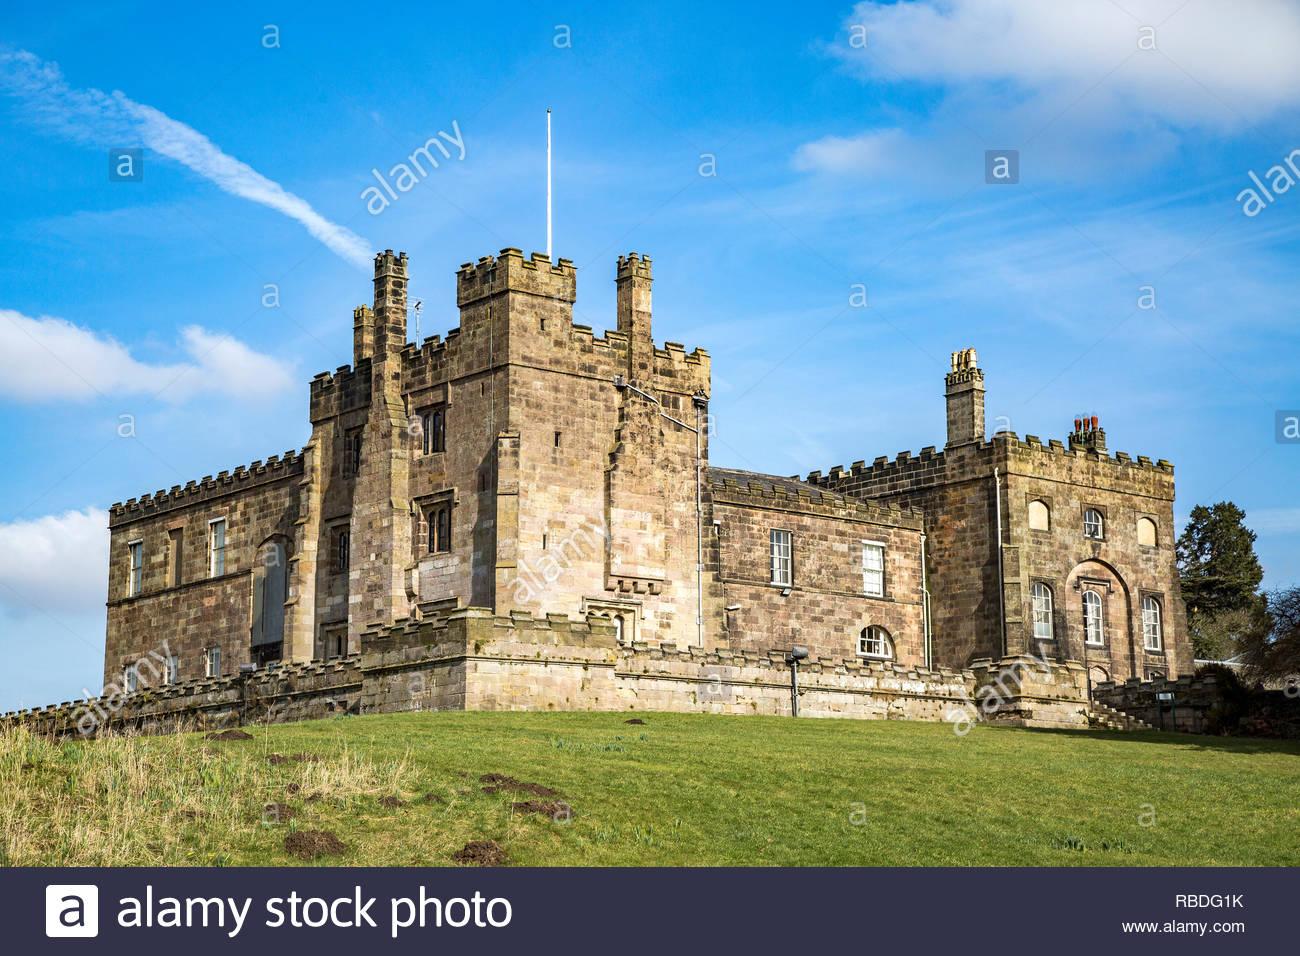 1 e année 14ème siècle figurant le château de ripley dans le North Yorkshire, England, UK. Photo Stock